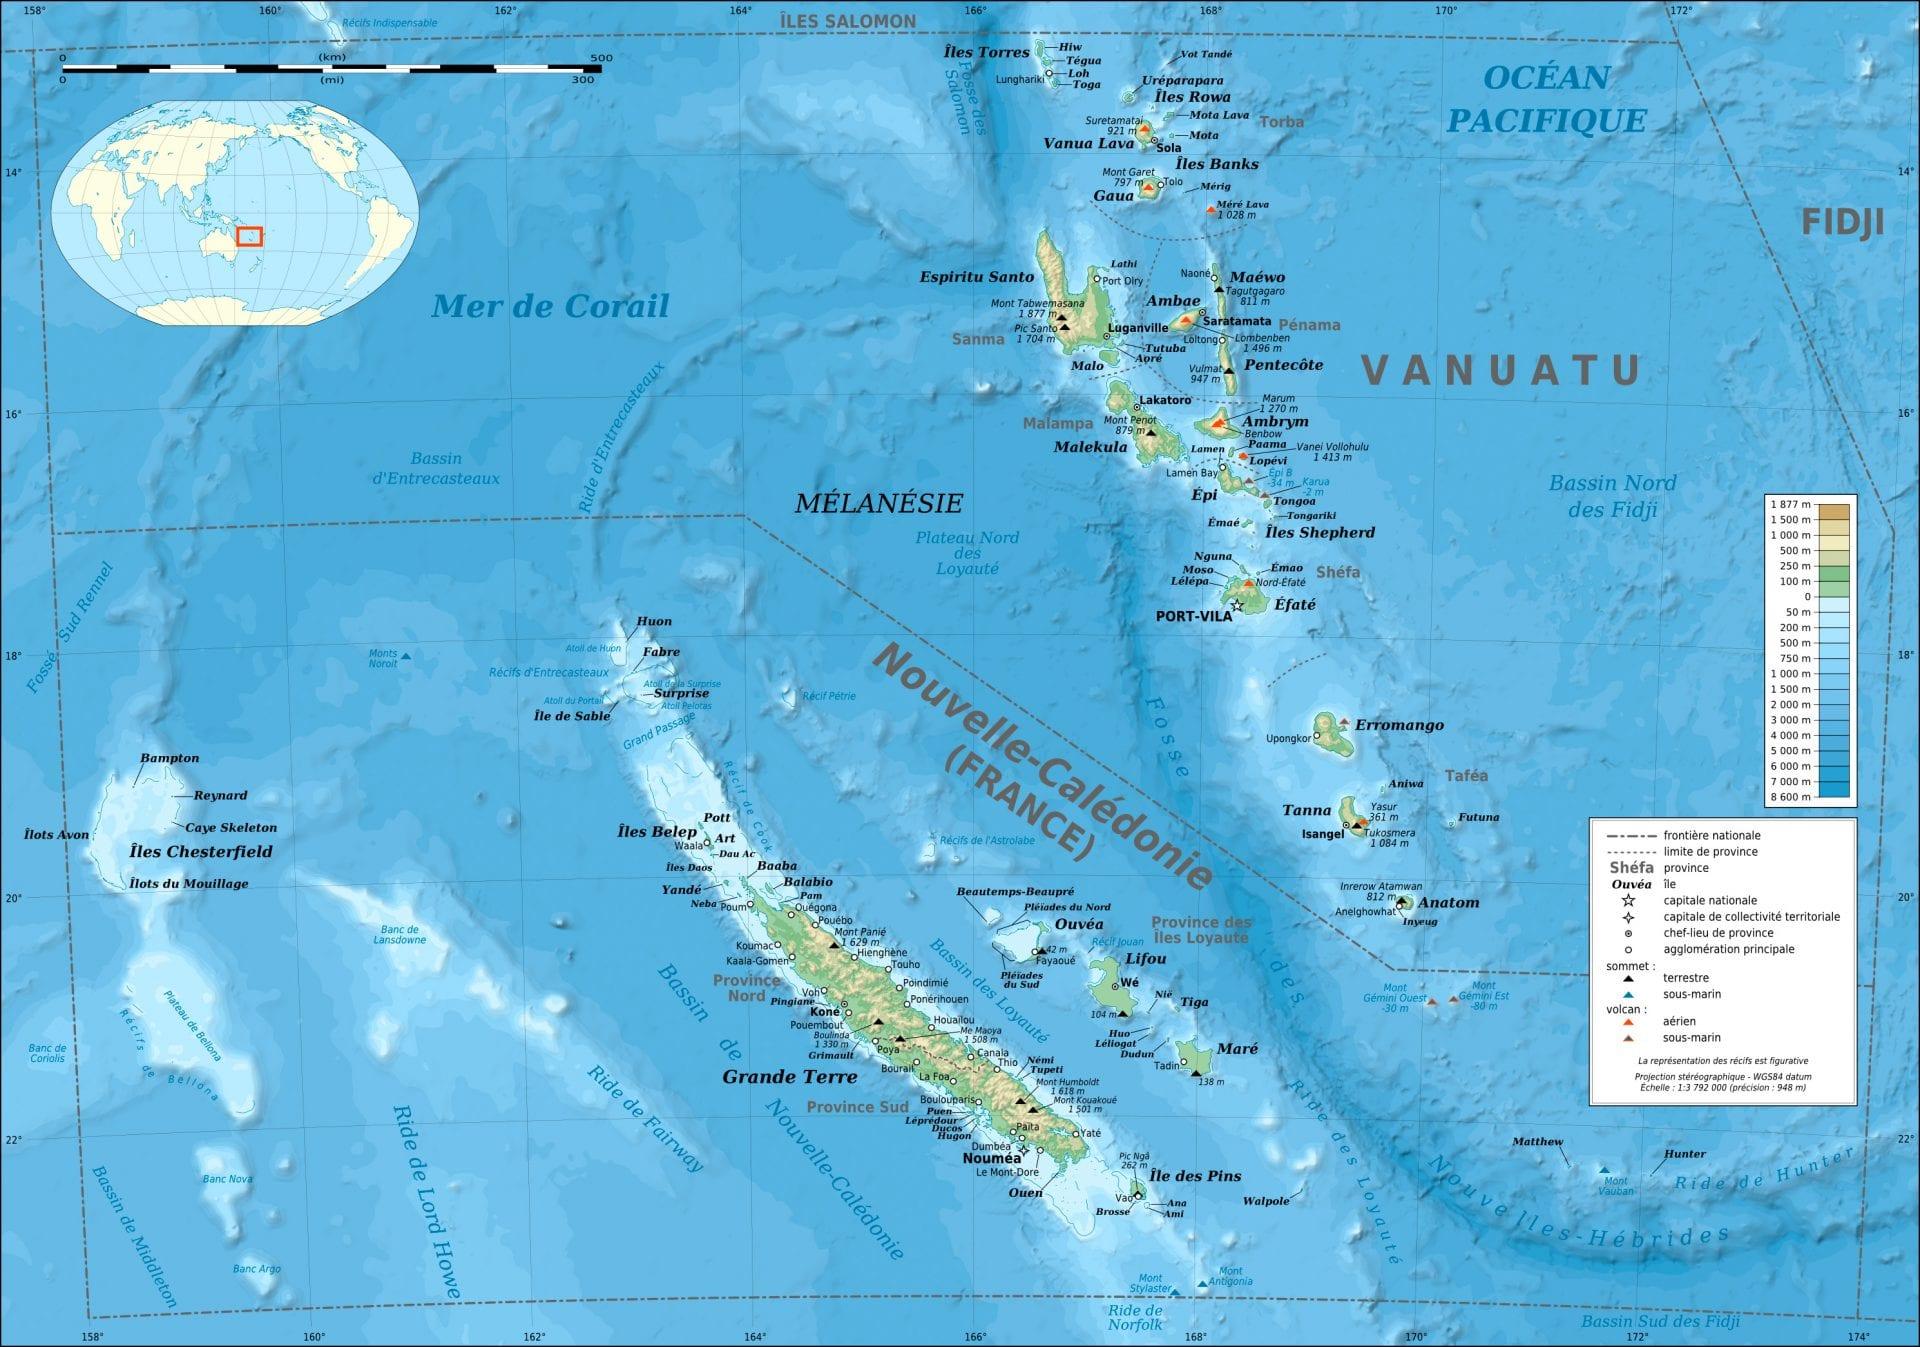 3. Vanuatu & Nouvelle Calédonie